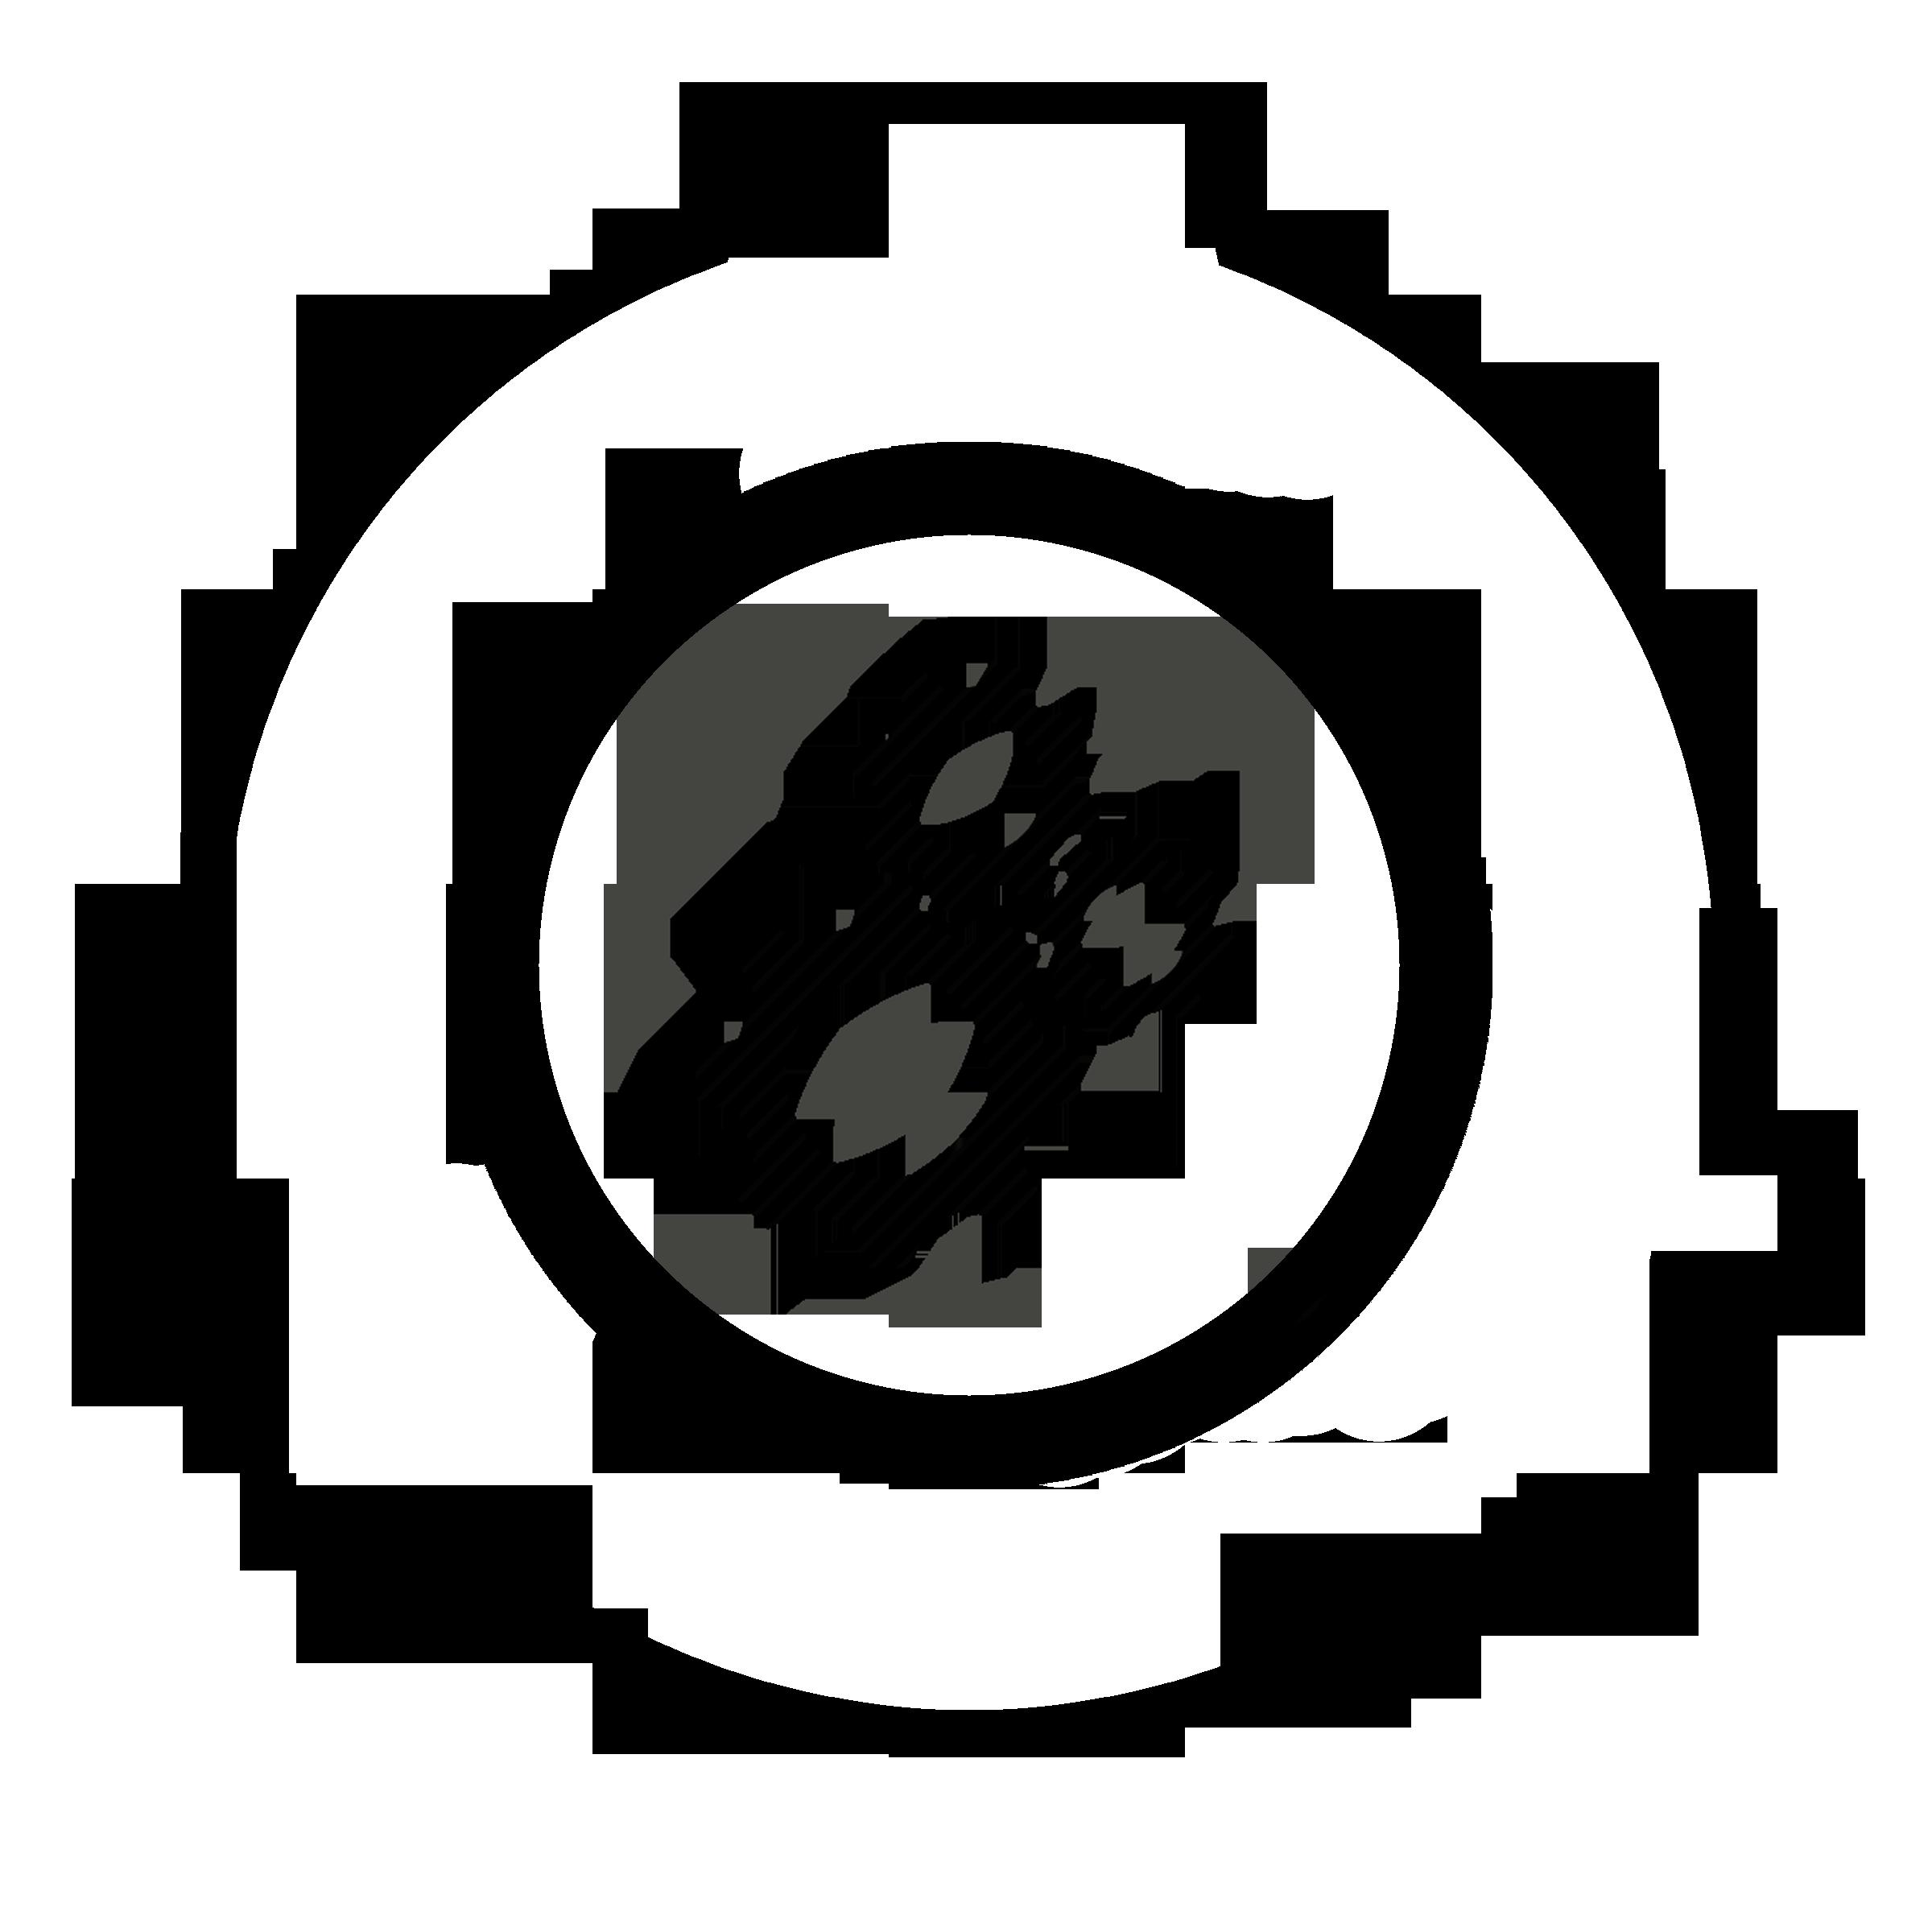 Emblema_Tecnico.png